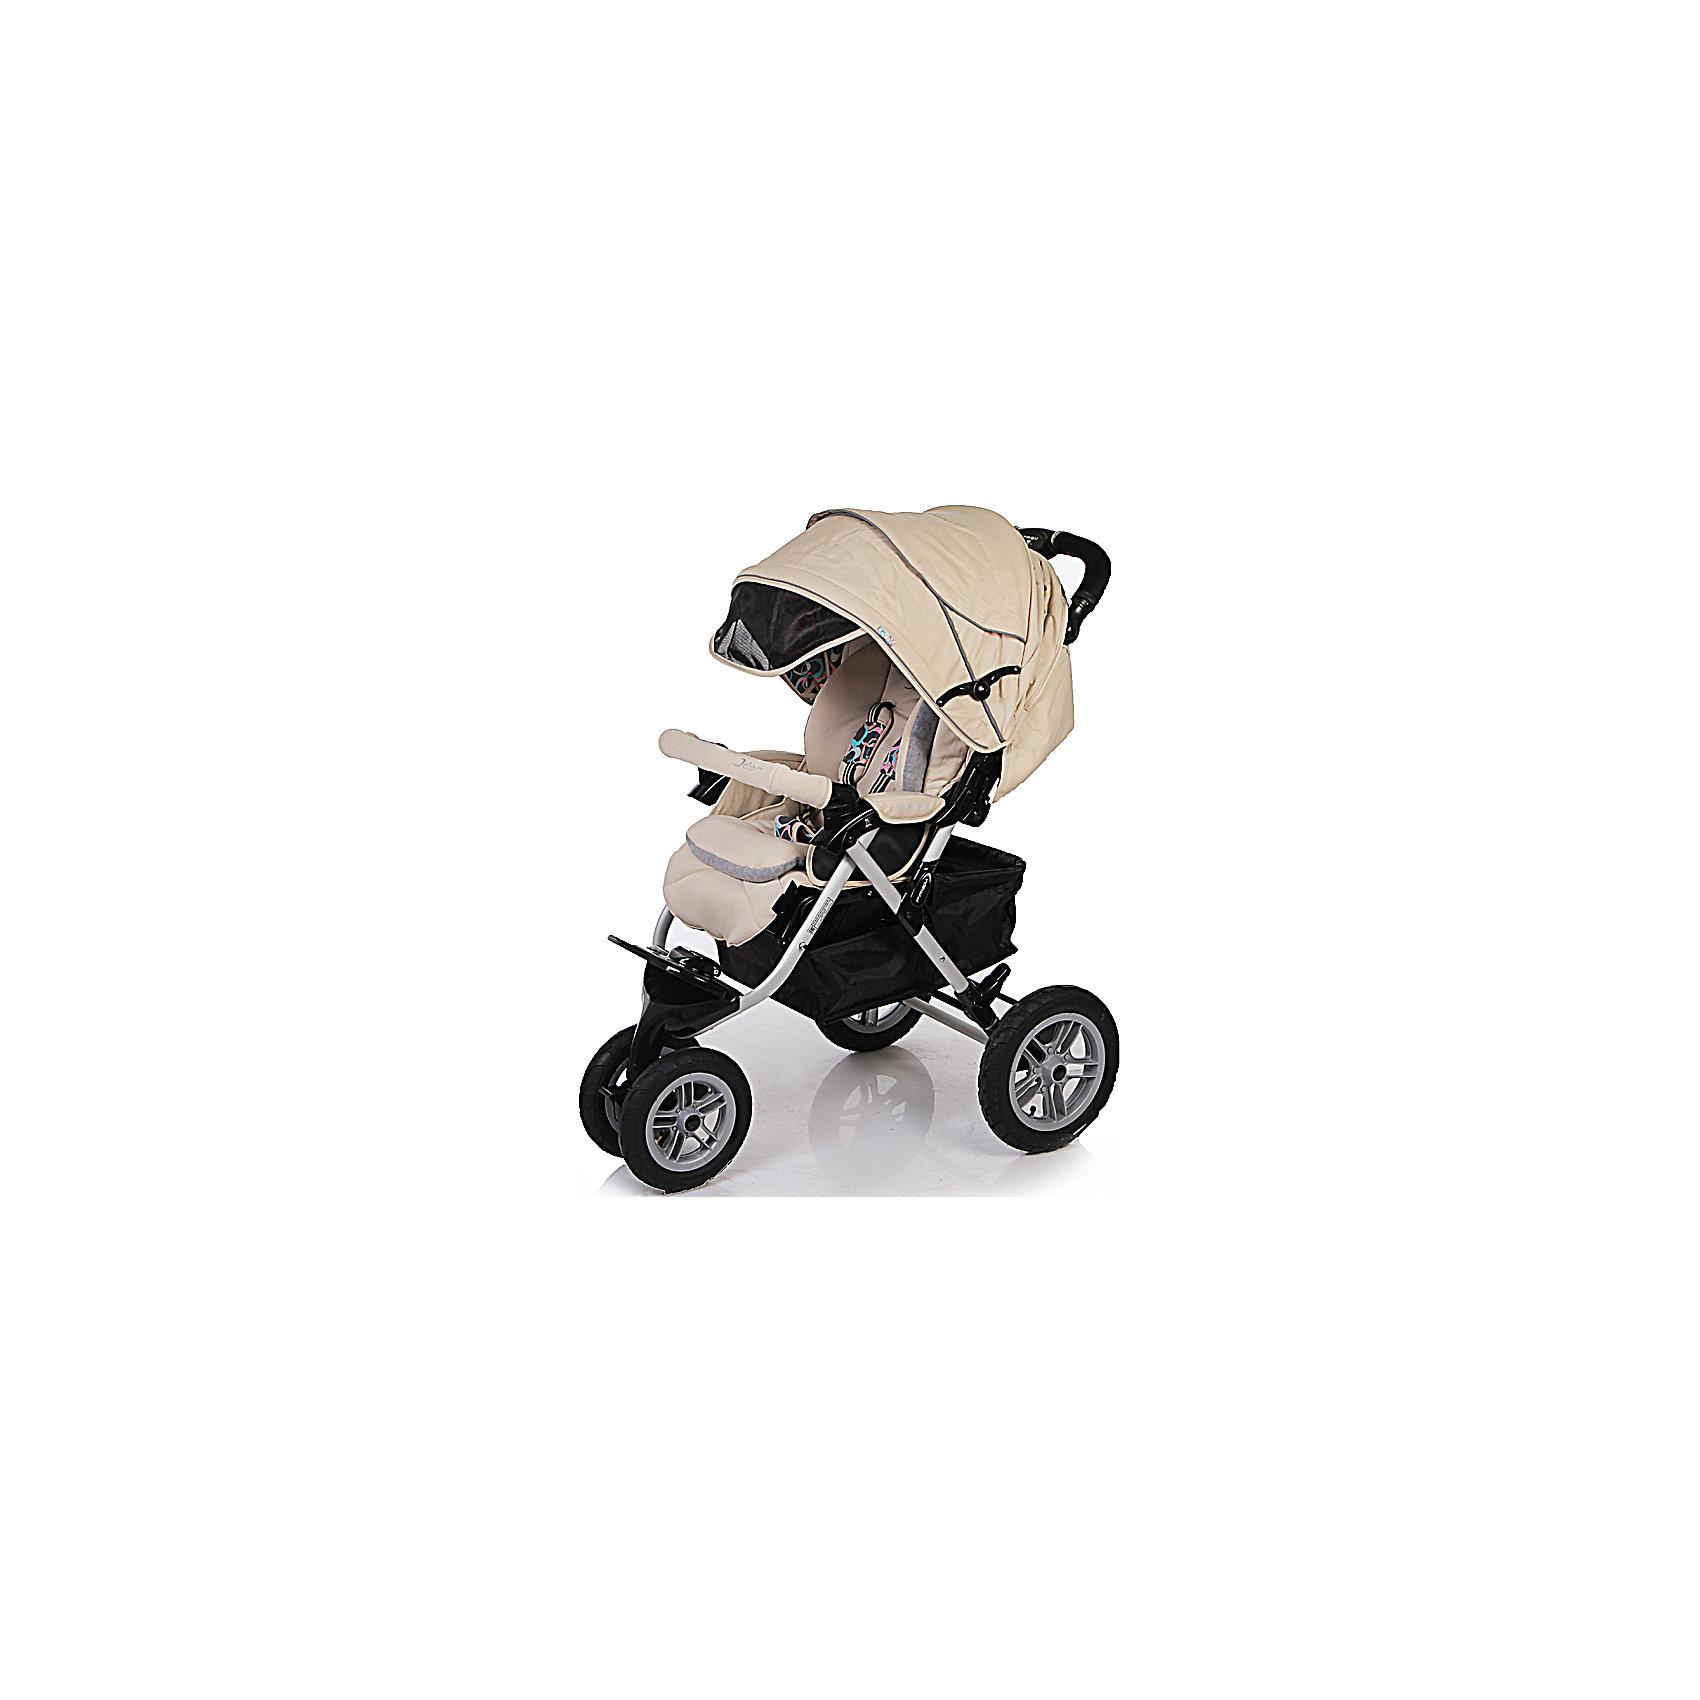 Прогулочная коляска с конвертом Prism S-901 WFM, Jetem, бежевыйПрогулочная коляска Prism S-901 WFM, Jetem - легкая и маневренная трехколесная коляска, отвечающая всем требованиям комфорта и безопасности малыша. Коляска оснащена широким удобным для ребенка сиденьем с 5-точечными ремнями безопасности и съемным мягким<br>бампером. Спинка раскладывается в 3-х положениях вплоть до горизонтального. Выдвижная подножка обеспечивает малышу дополнительный комфорт. Сиденье защищено большим опускающимся капюшоном, который раскладывается до бампера. Благодаря данной особенности<br>коляску можно использовать при наступлении зимнего периода, в комплект также входит теплый конверт. Для родителей предусмотрена удобная эргономичная ручка с мягкой накладкой и вместительная корзина для принадлежностей малыша. <br><br>Большие надувные колеса из каучука обеспечивают проходимость по любой местности, сдвоенное переднее колесо поворотное с фиксацией. Коляска легко и компактно складывается книжкой и не занимает много места при хранении, может стоять в сложенном положении. Тканевые<br>детали выполнены из влагостойкой ткани с антибактериальным покрытием. Подходит для детей от 6 мес. до 3-х лет.<br><br><br>Особенности:<br><br>- 3 положения спинки, включая горизонтальное;<br>- 5-ти точечные ремни безопасности;<br>- выдвижная регулируемая подножка;<br>- съемный бампер с мягкой обивкой;<br>- полностью опускаемый капюшон;<br>- облегченная алюминиевая рама;<br>- большая корзина для вещей;<br>- дождевик;<br>- утепленный конверт;<br>- синхронные тормоза;<br>- легко и компактно складывается книжкой.<br><br>Дополнительная информация:<br><br>- Цвет: шоколадный.<br>- Материал: алюминий, текстиль, пластик<br>- Ширина колесной базы: 61 см.<br>- Диаметр колес: 26 см. и 30 см.<br>- Размер спального места: 40 х 96 см.<br>- Размер в разложенном виде: 61 х 120 х 116 см.<br>- Размер в сложенном виде: 43 х 83 х 42 см.<br>- Вес: 14 кг. <br><br><br>Прогулочную коляску Prism S-901 WFM с конвертом, Jetem, шоколадный, 